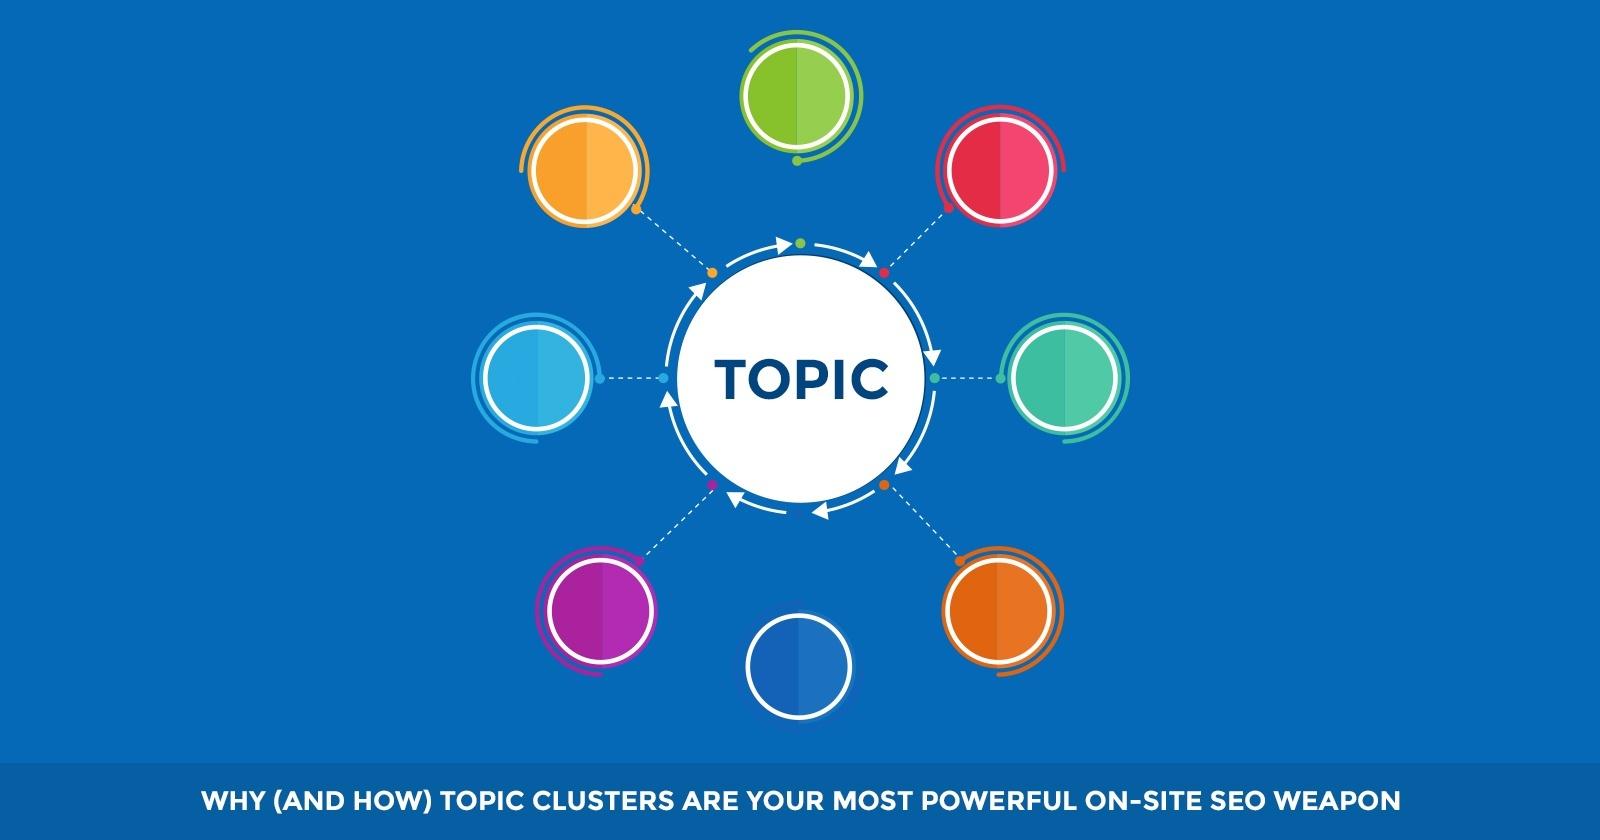 Pourquoi (et comment) les clusters de sujets sont-ils votre arme de référencement la plus puissante?